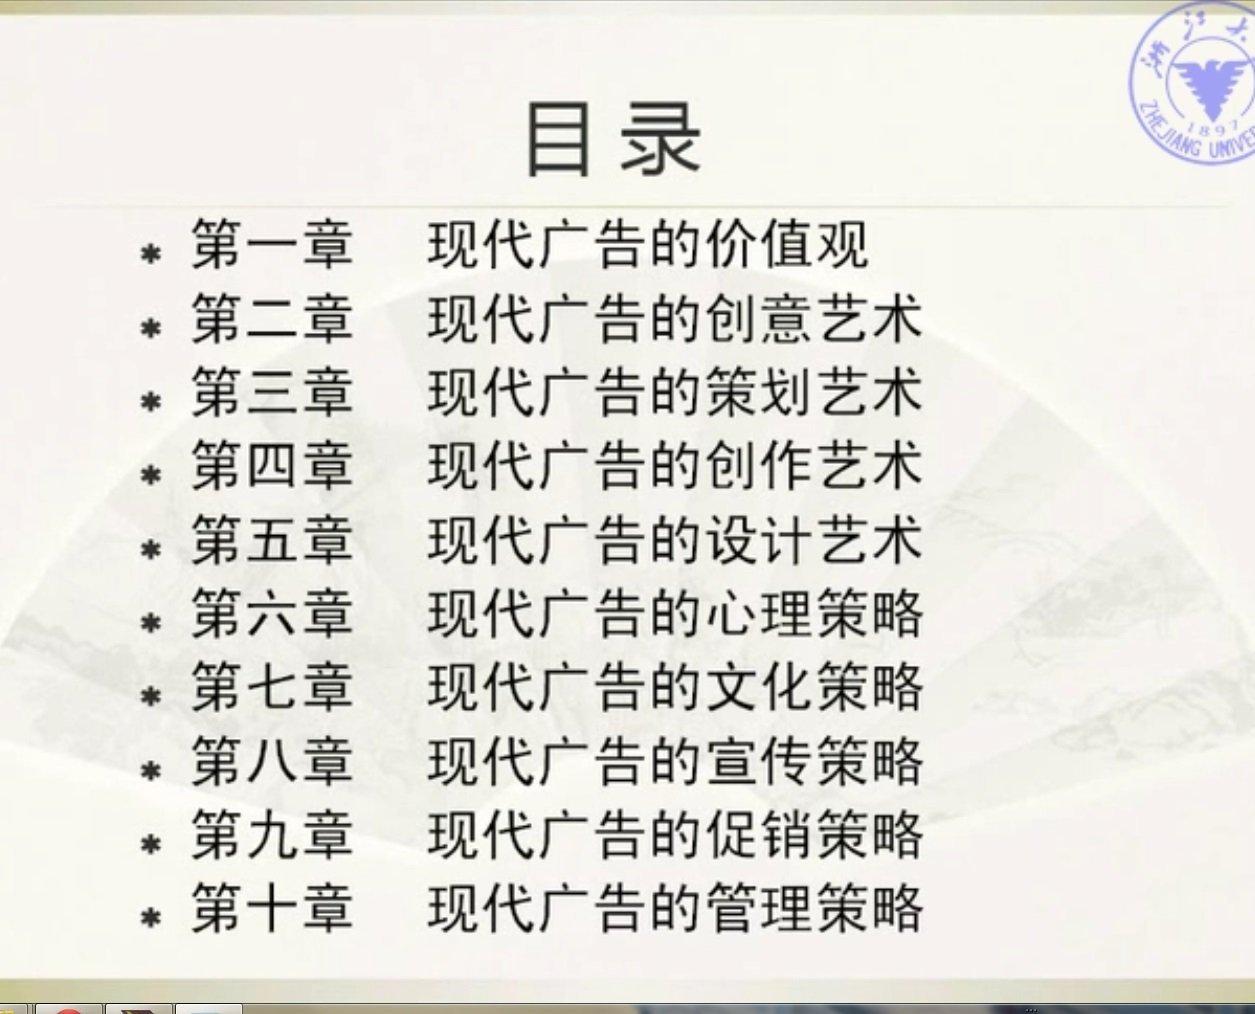 【9420-249】廣告學 教學影片(MP4檔案格式) - ( 24 堂課 浙江大學 ) 330元 !